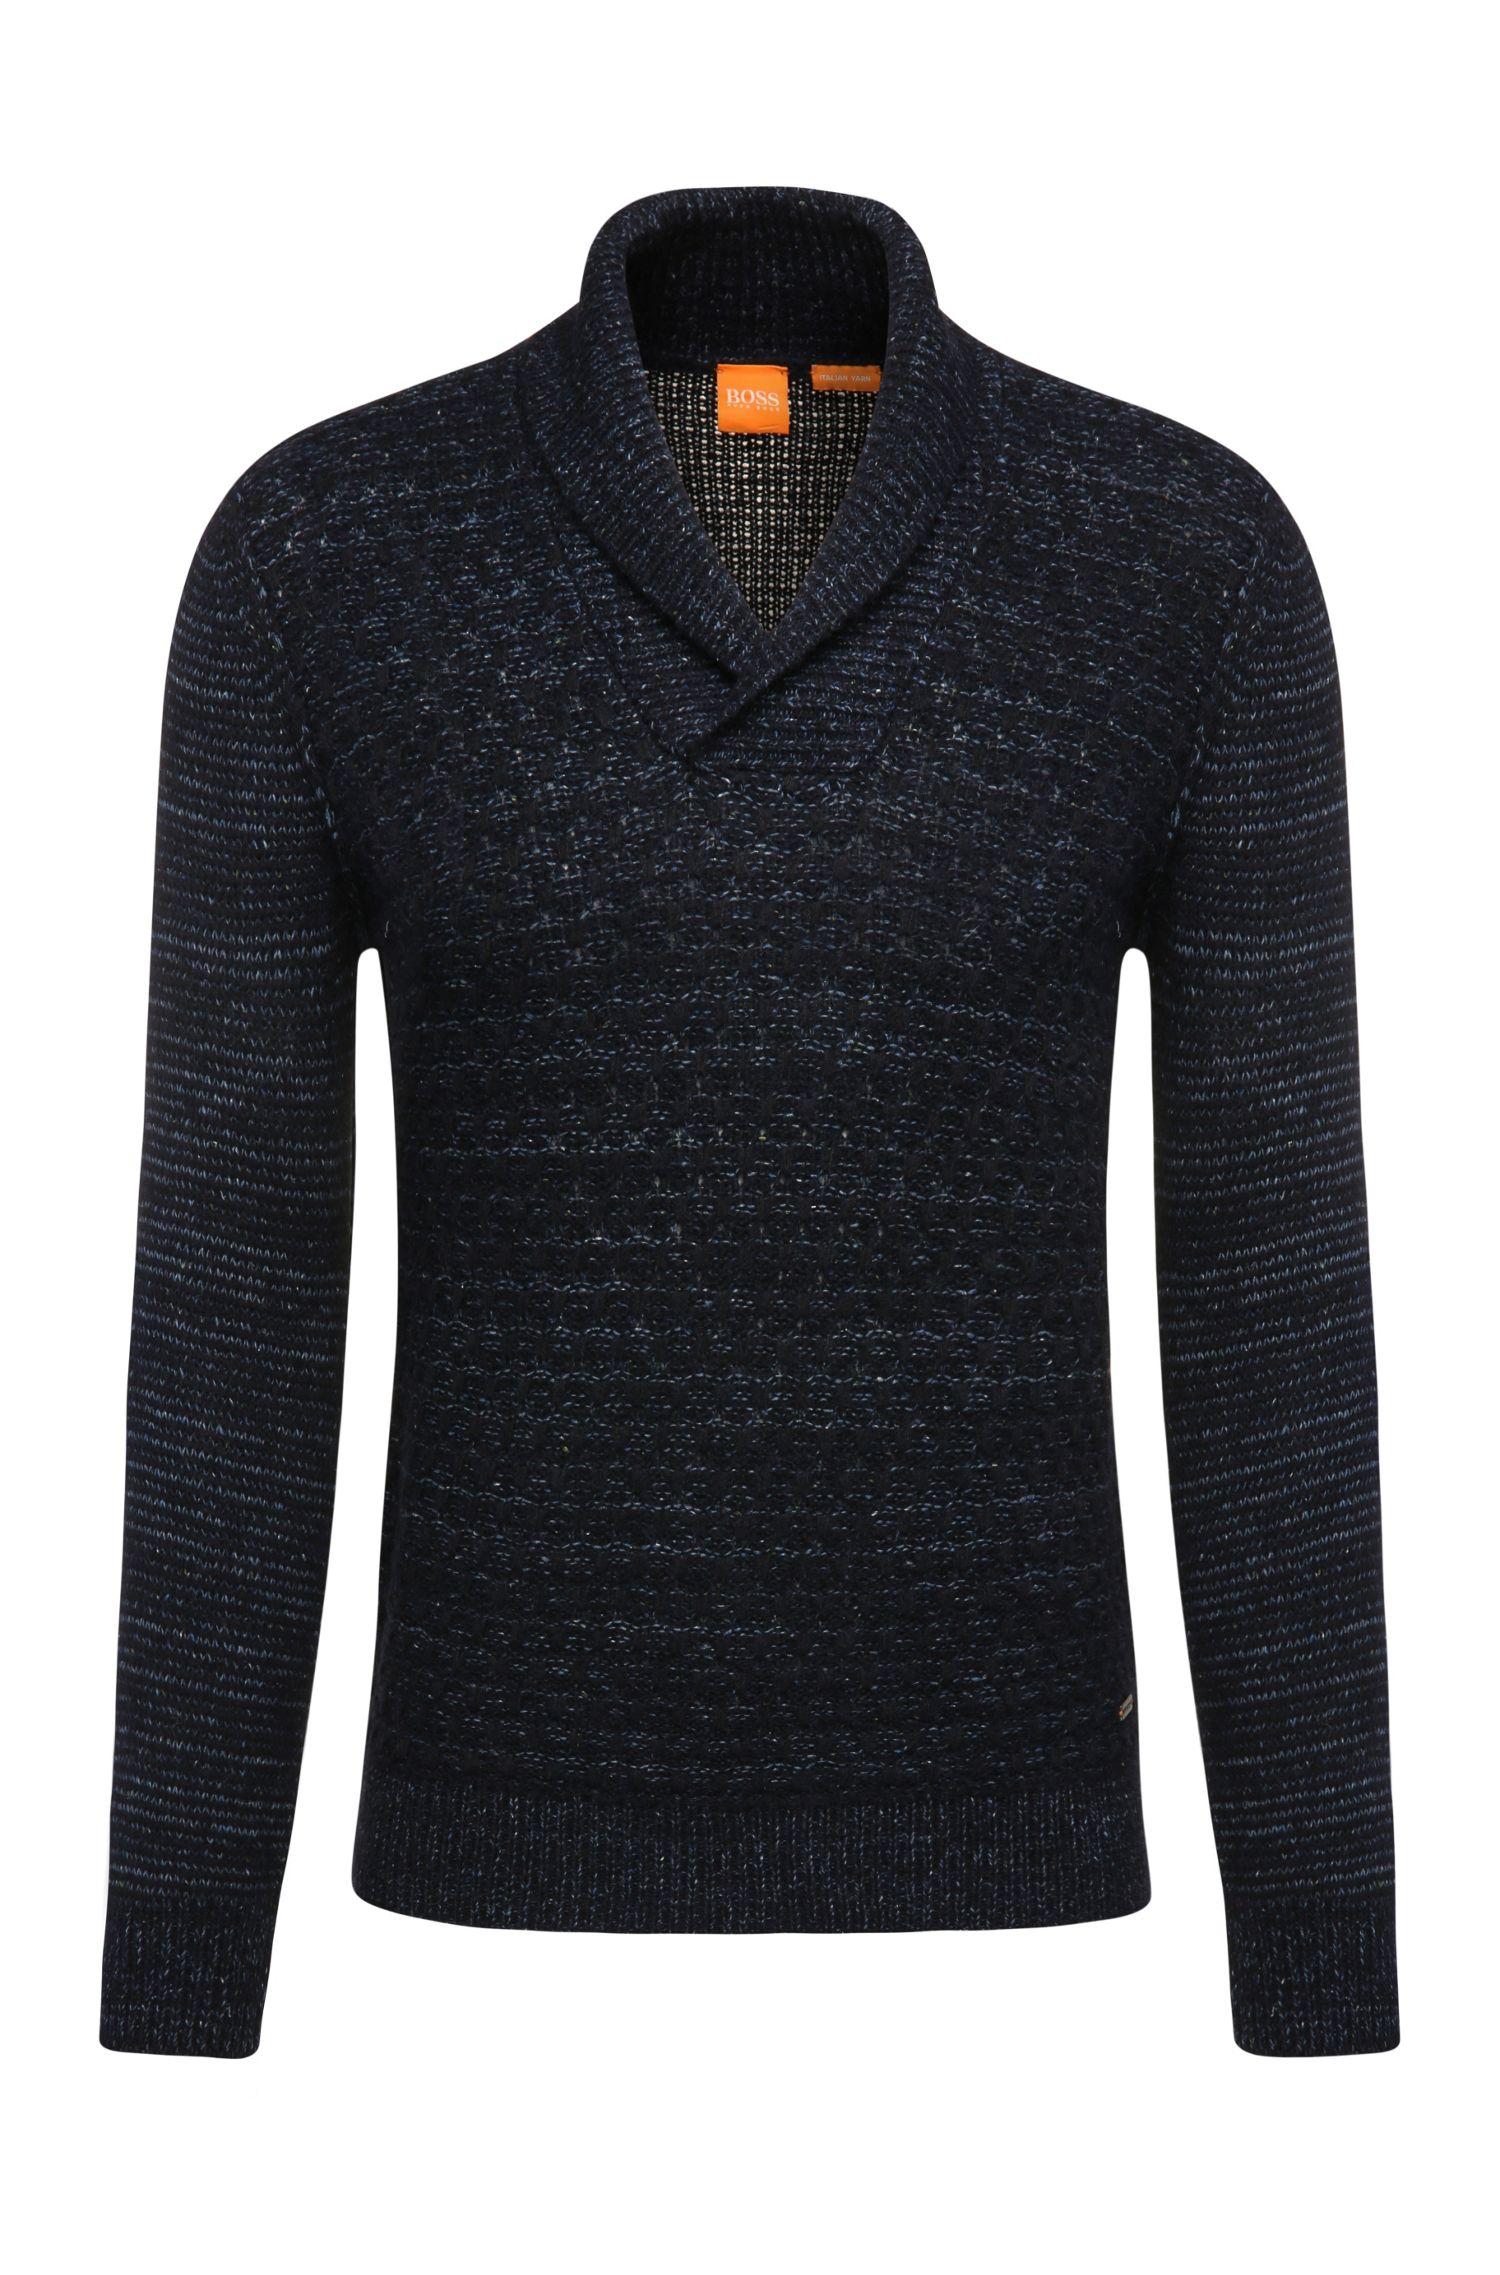 Maglione slim fit in materiali misti con lana, alpaca, viscosa e seta: 'Kwaul'